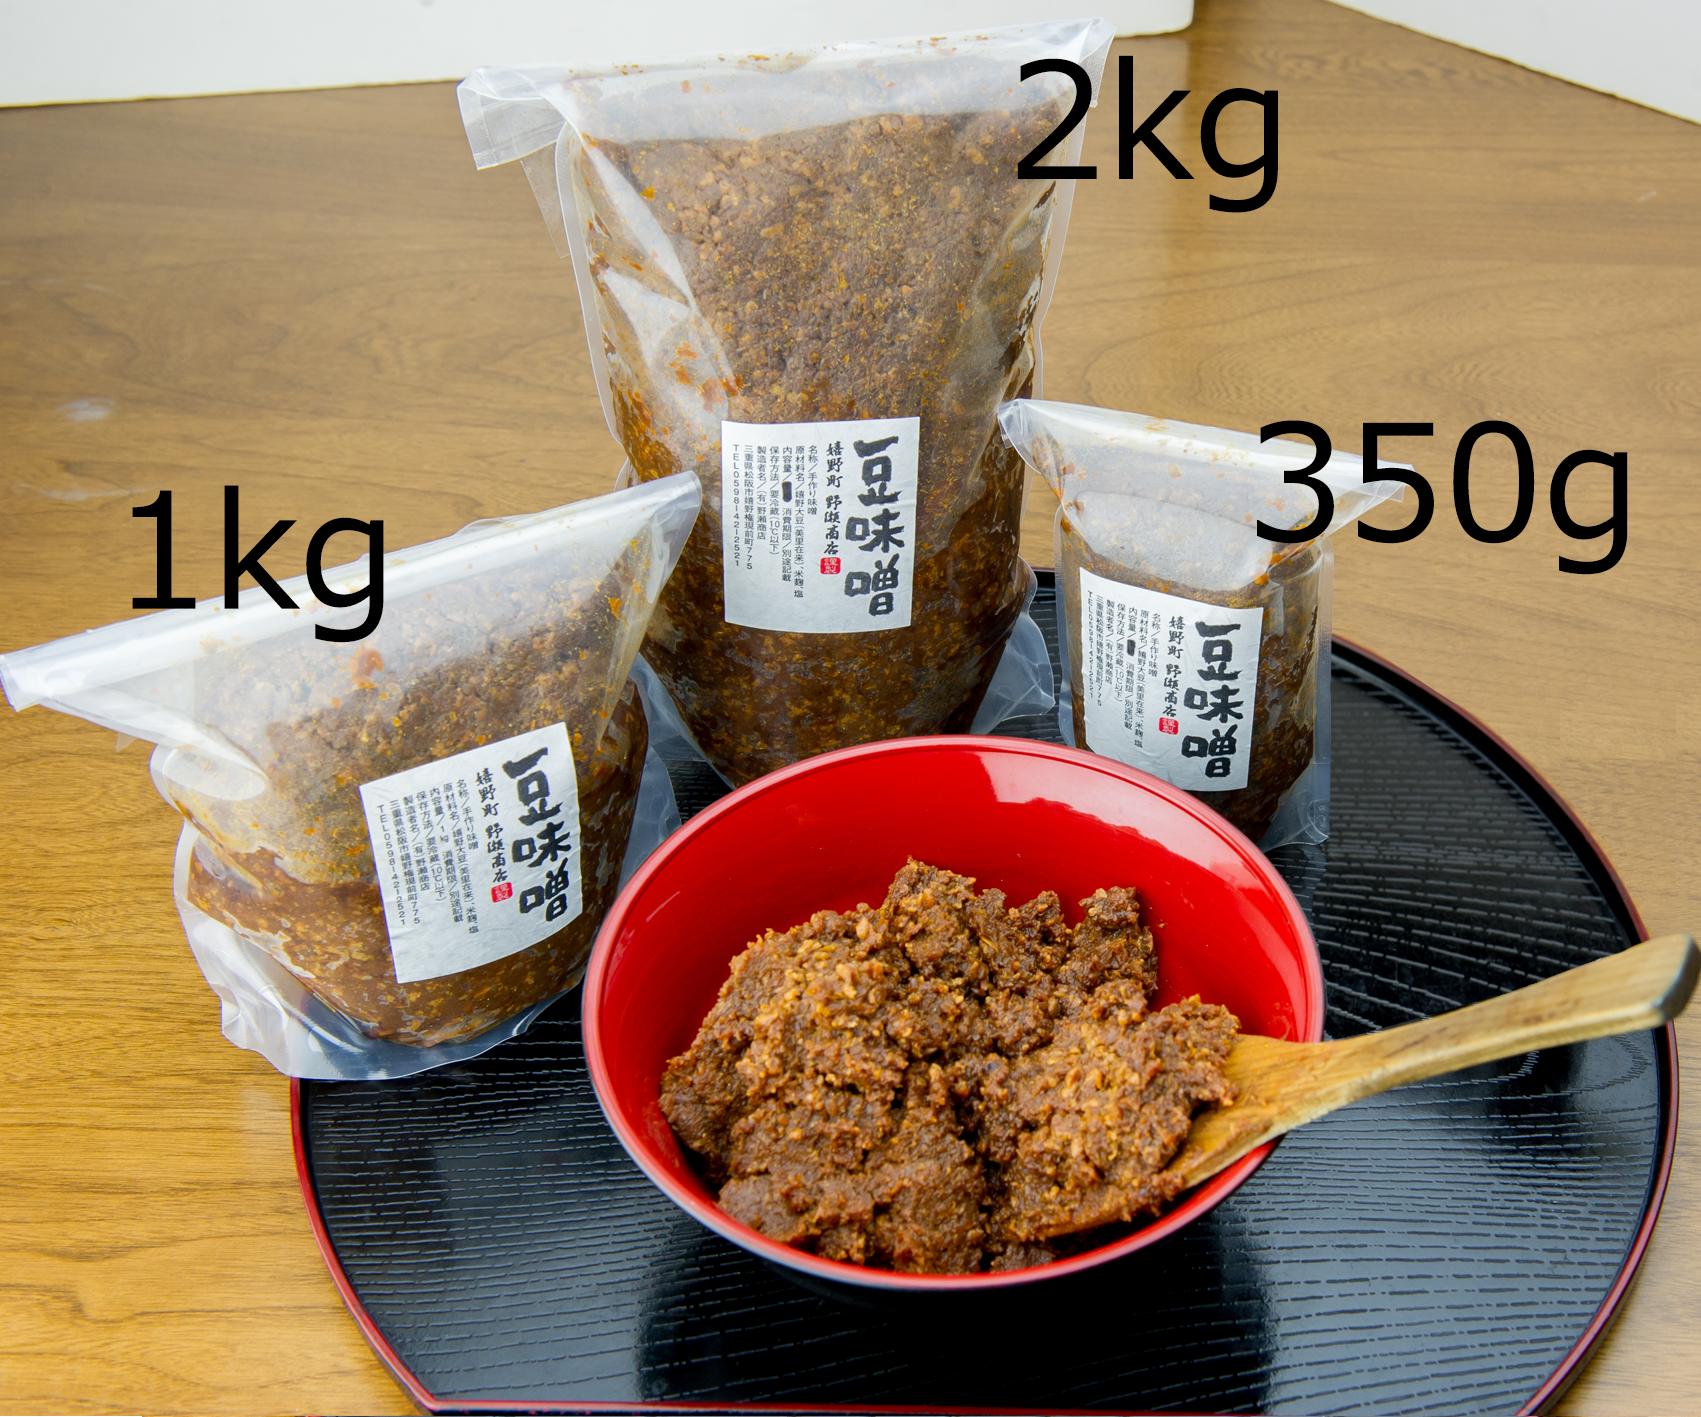 嬉野大豆 豆味噌 2㎏